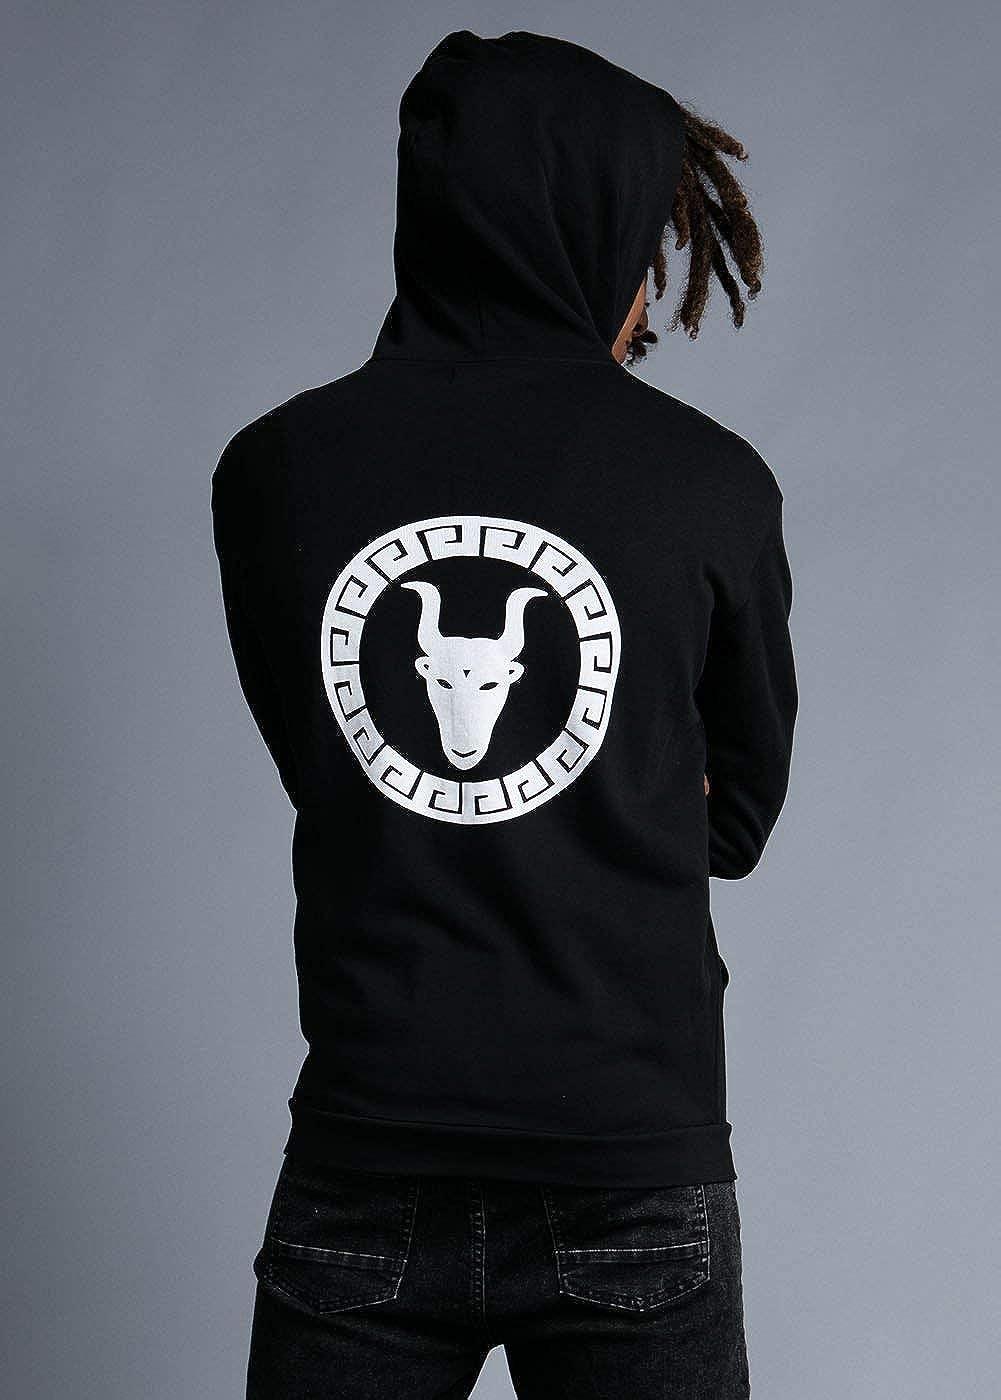 Teenzshop Boys Long Sleeve Toro Graphic Logo Zip-Up Hoodie Adult S /– M Black 9-16 Years